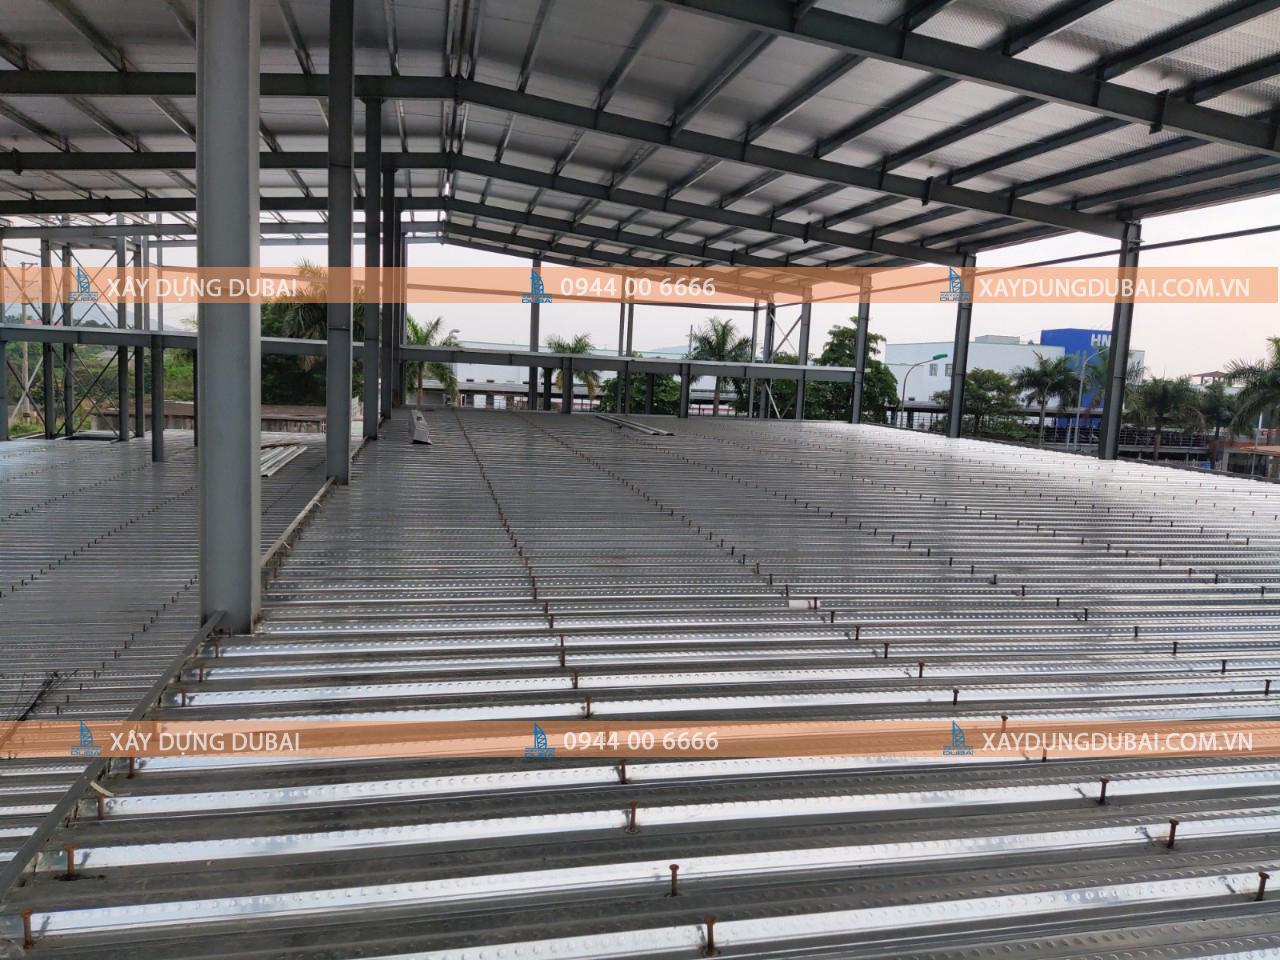 Kỹ thuật thi công sàn decking cho nhà xưởng